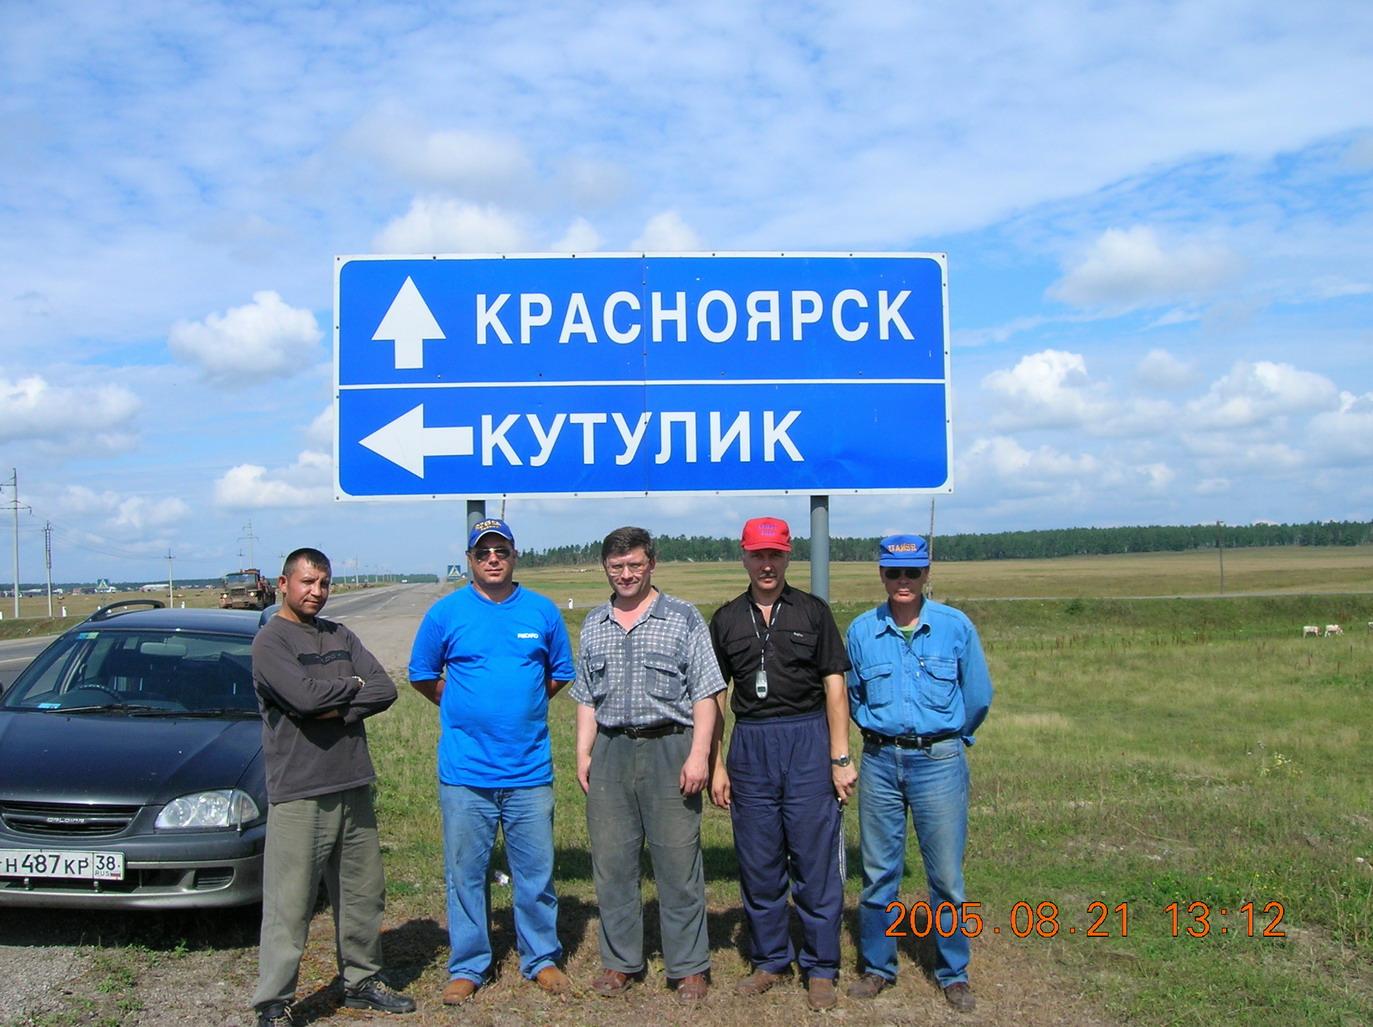 знакомства в иркутской области кутулик